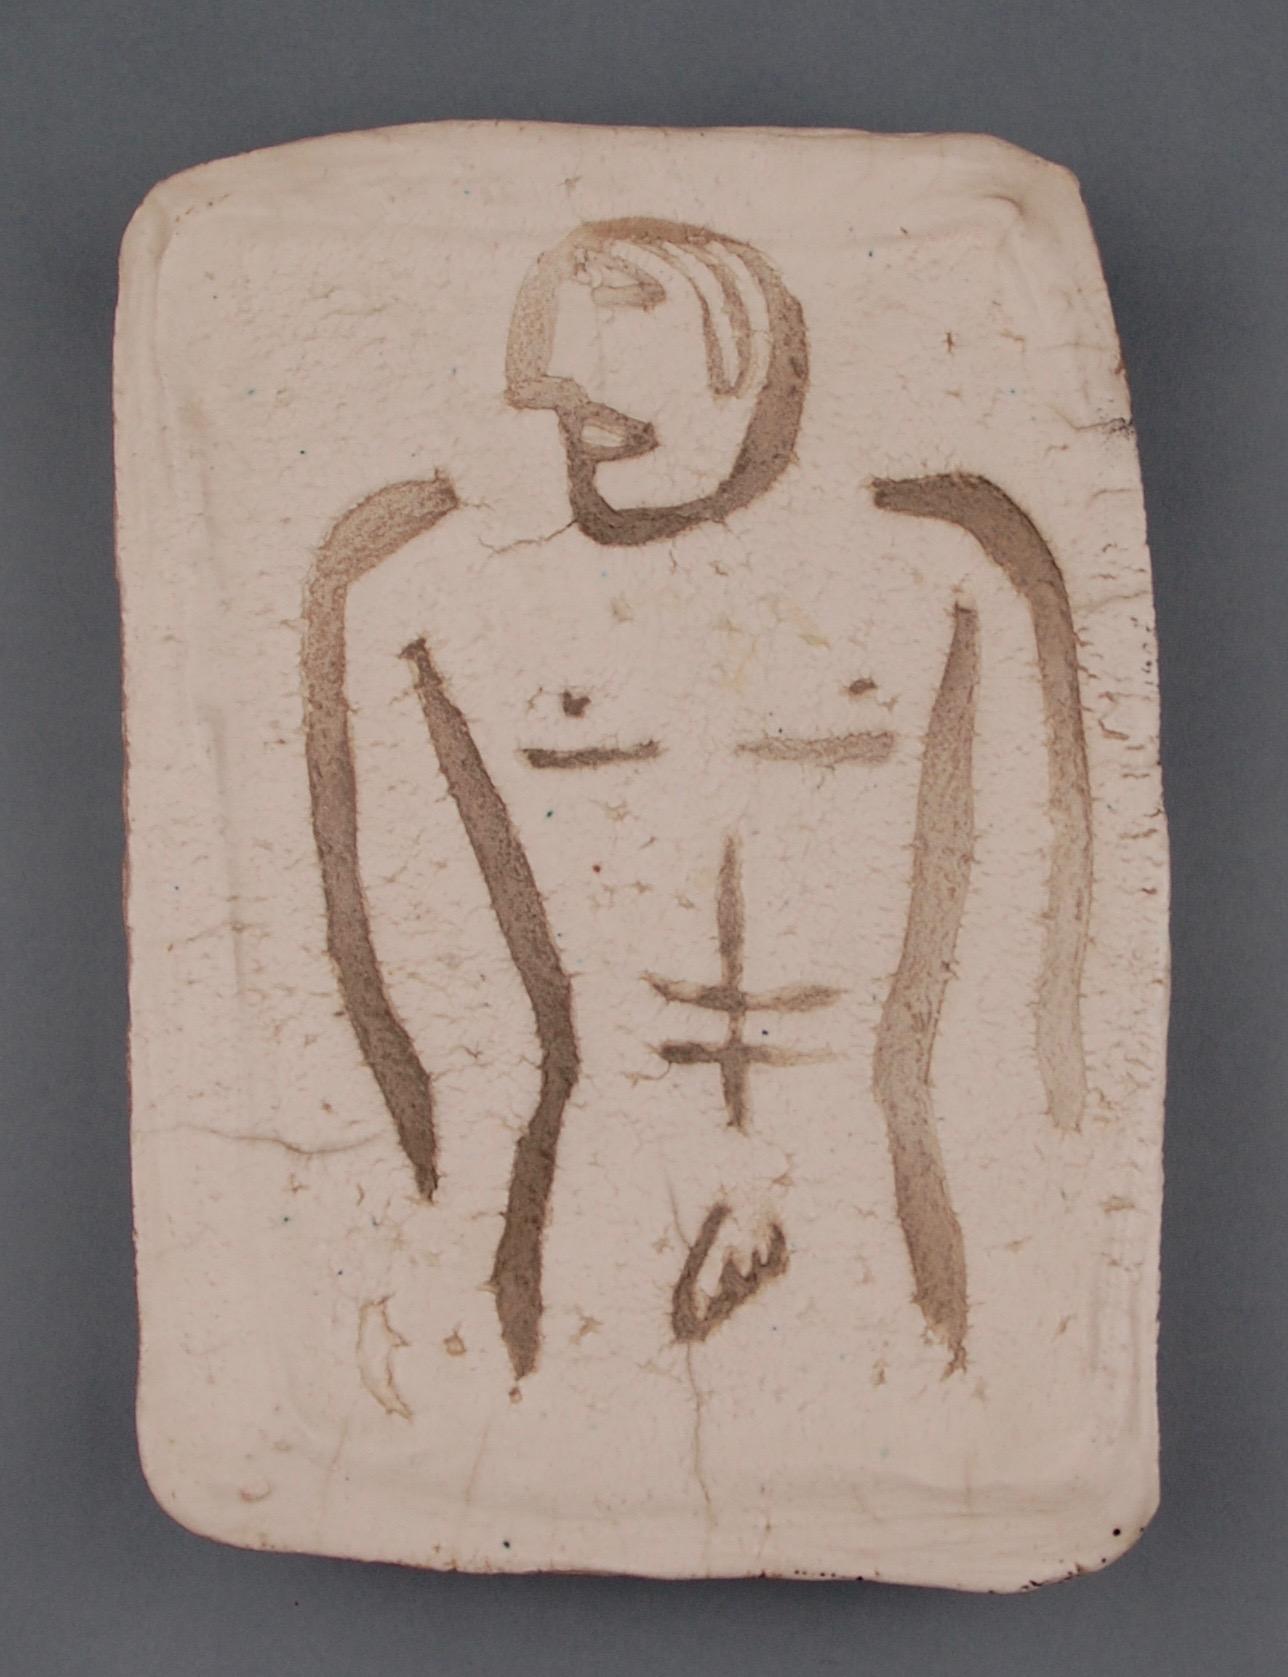 Male nude, 1992